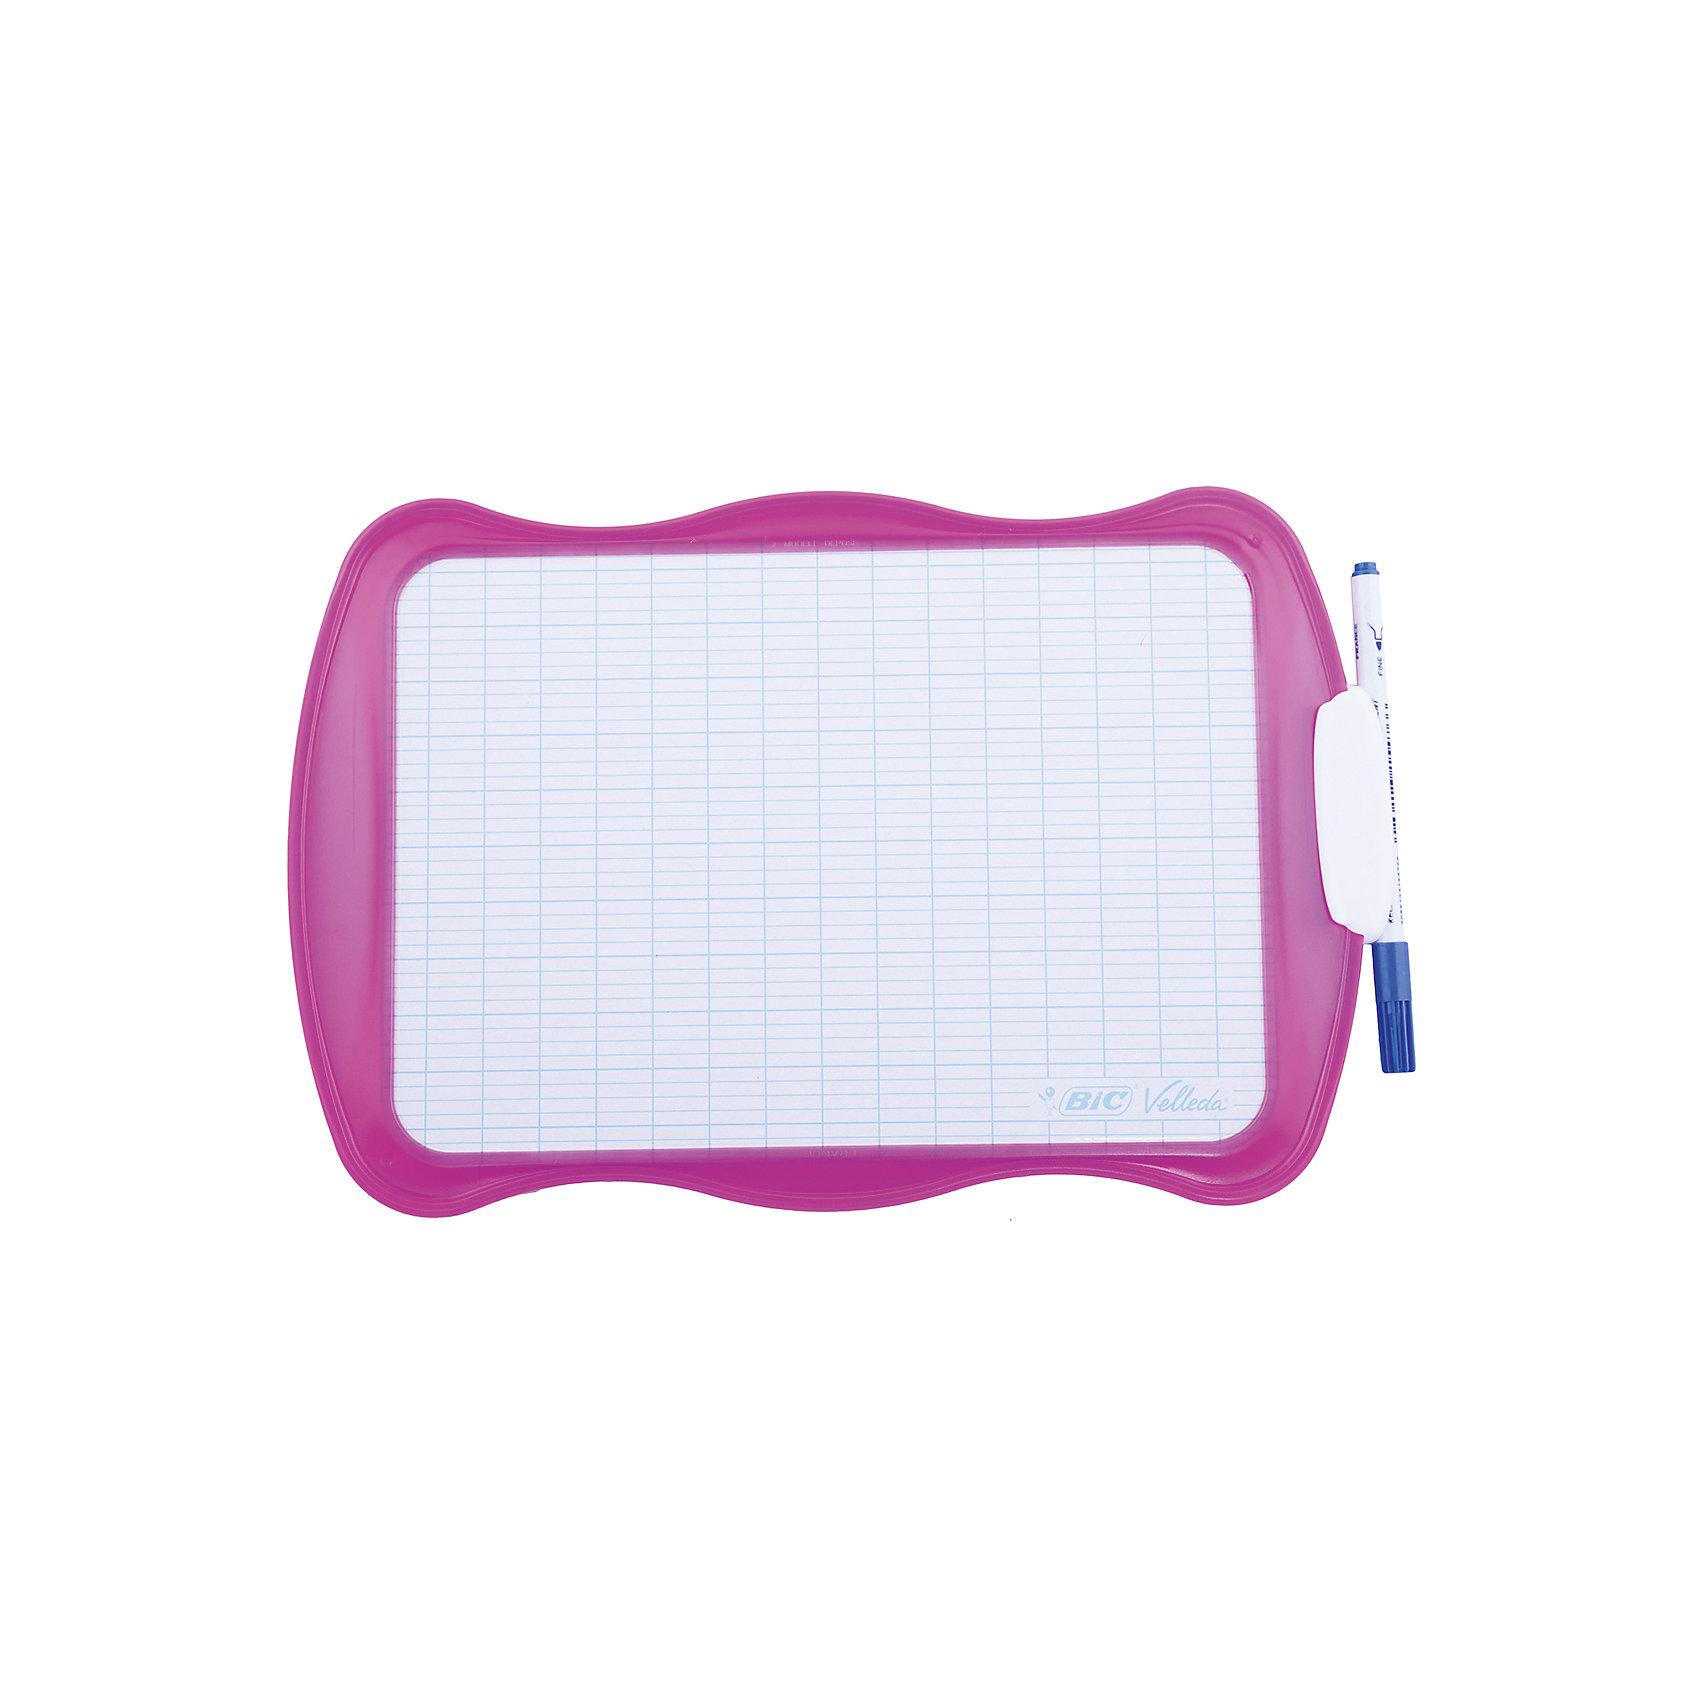 BIC Детская доска для рисования  ВелледаМебель<br>Детская доска для рисования  Велледа. Прекрасно подходит для использования дома, в школе и офисе. Сохраняет идеально белый цвет при использовании маркеров для доски.<br><br>Дополнительная информация:<br><br>В комплекте:<br>- специальный маркер<br>- губка<br><br>Размер: 20 х 30 см<br><br>Ширина мм: 130<br>Глубина мм: 240<br>Высота мм: 380<br>Вес г: 100<br>Возраст от месяцев: 36<br>Возраст до месяцев: 1188<br>Пол: Унисекс<br>Возраст: Детский<br>SKU: 2493068